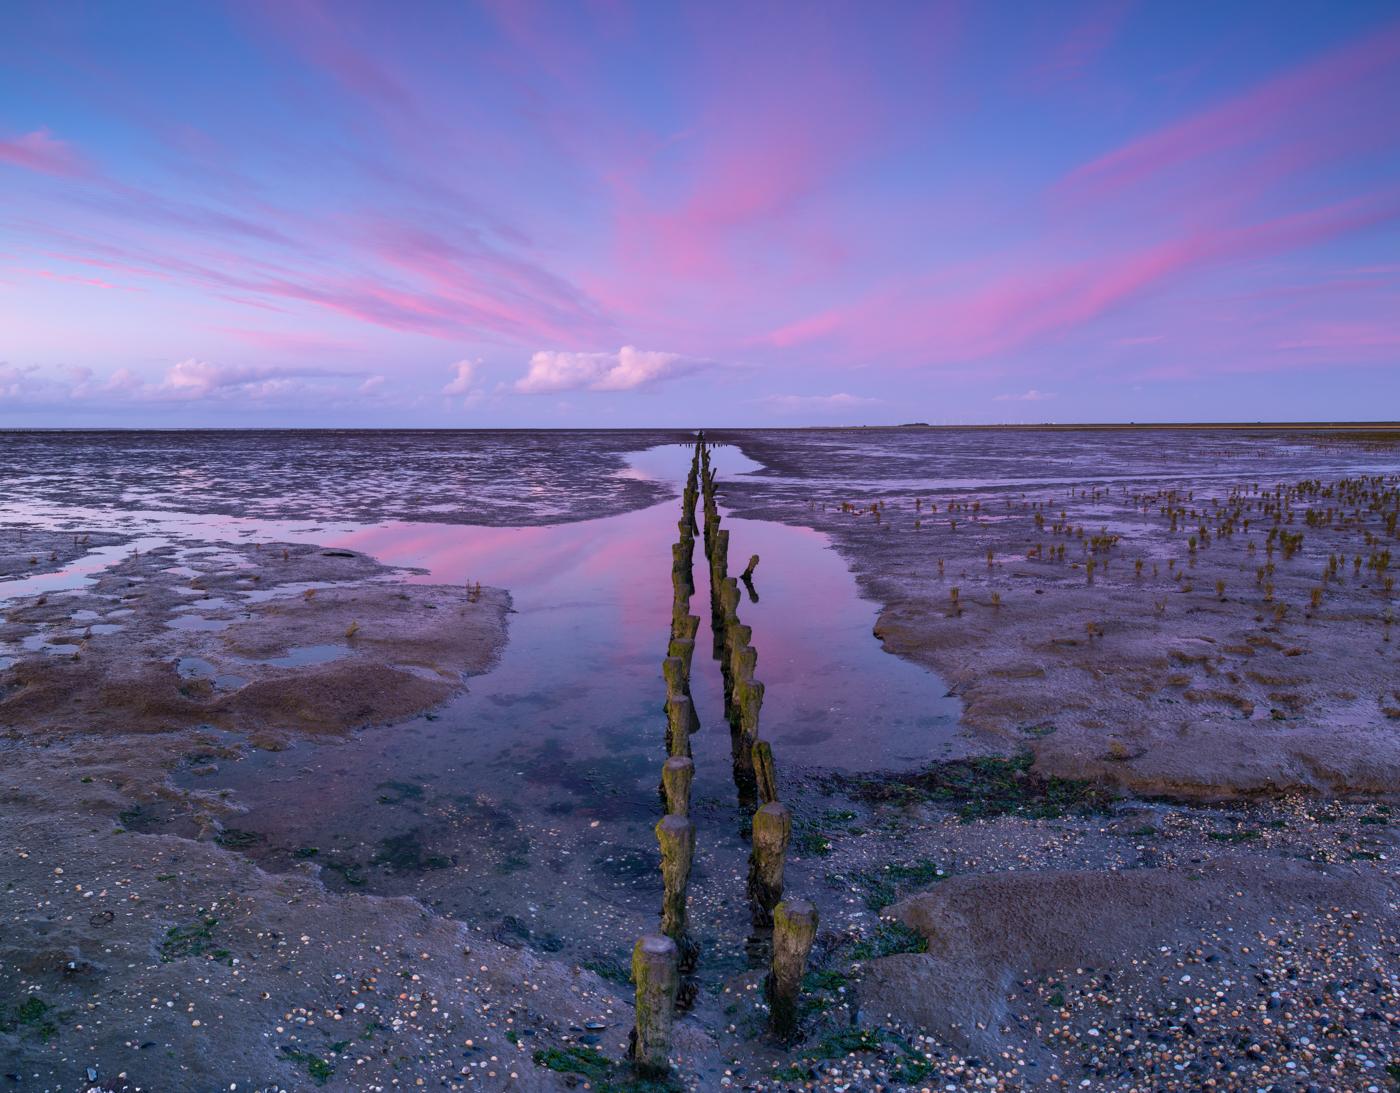 Landschapsfotograaf Harmen Piekema op het Wad